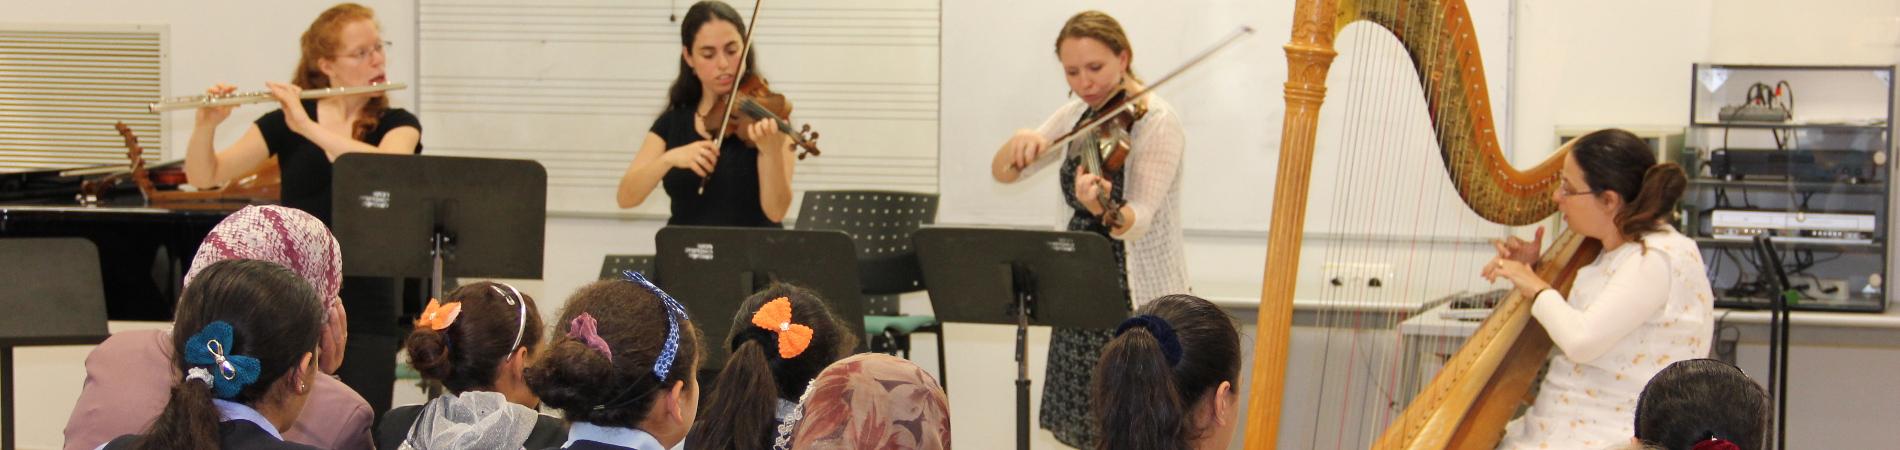 החוג לחינוך מוסיקלי